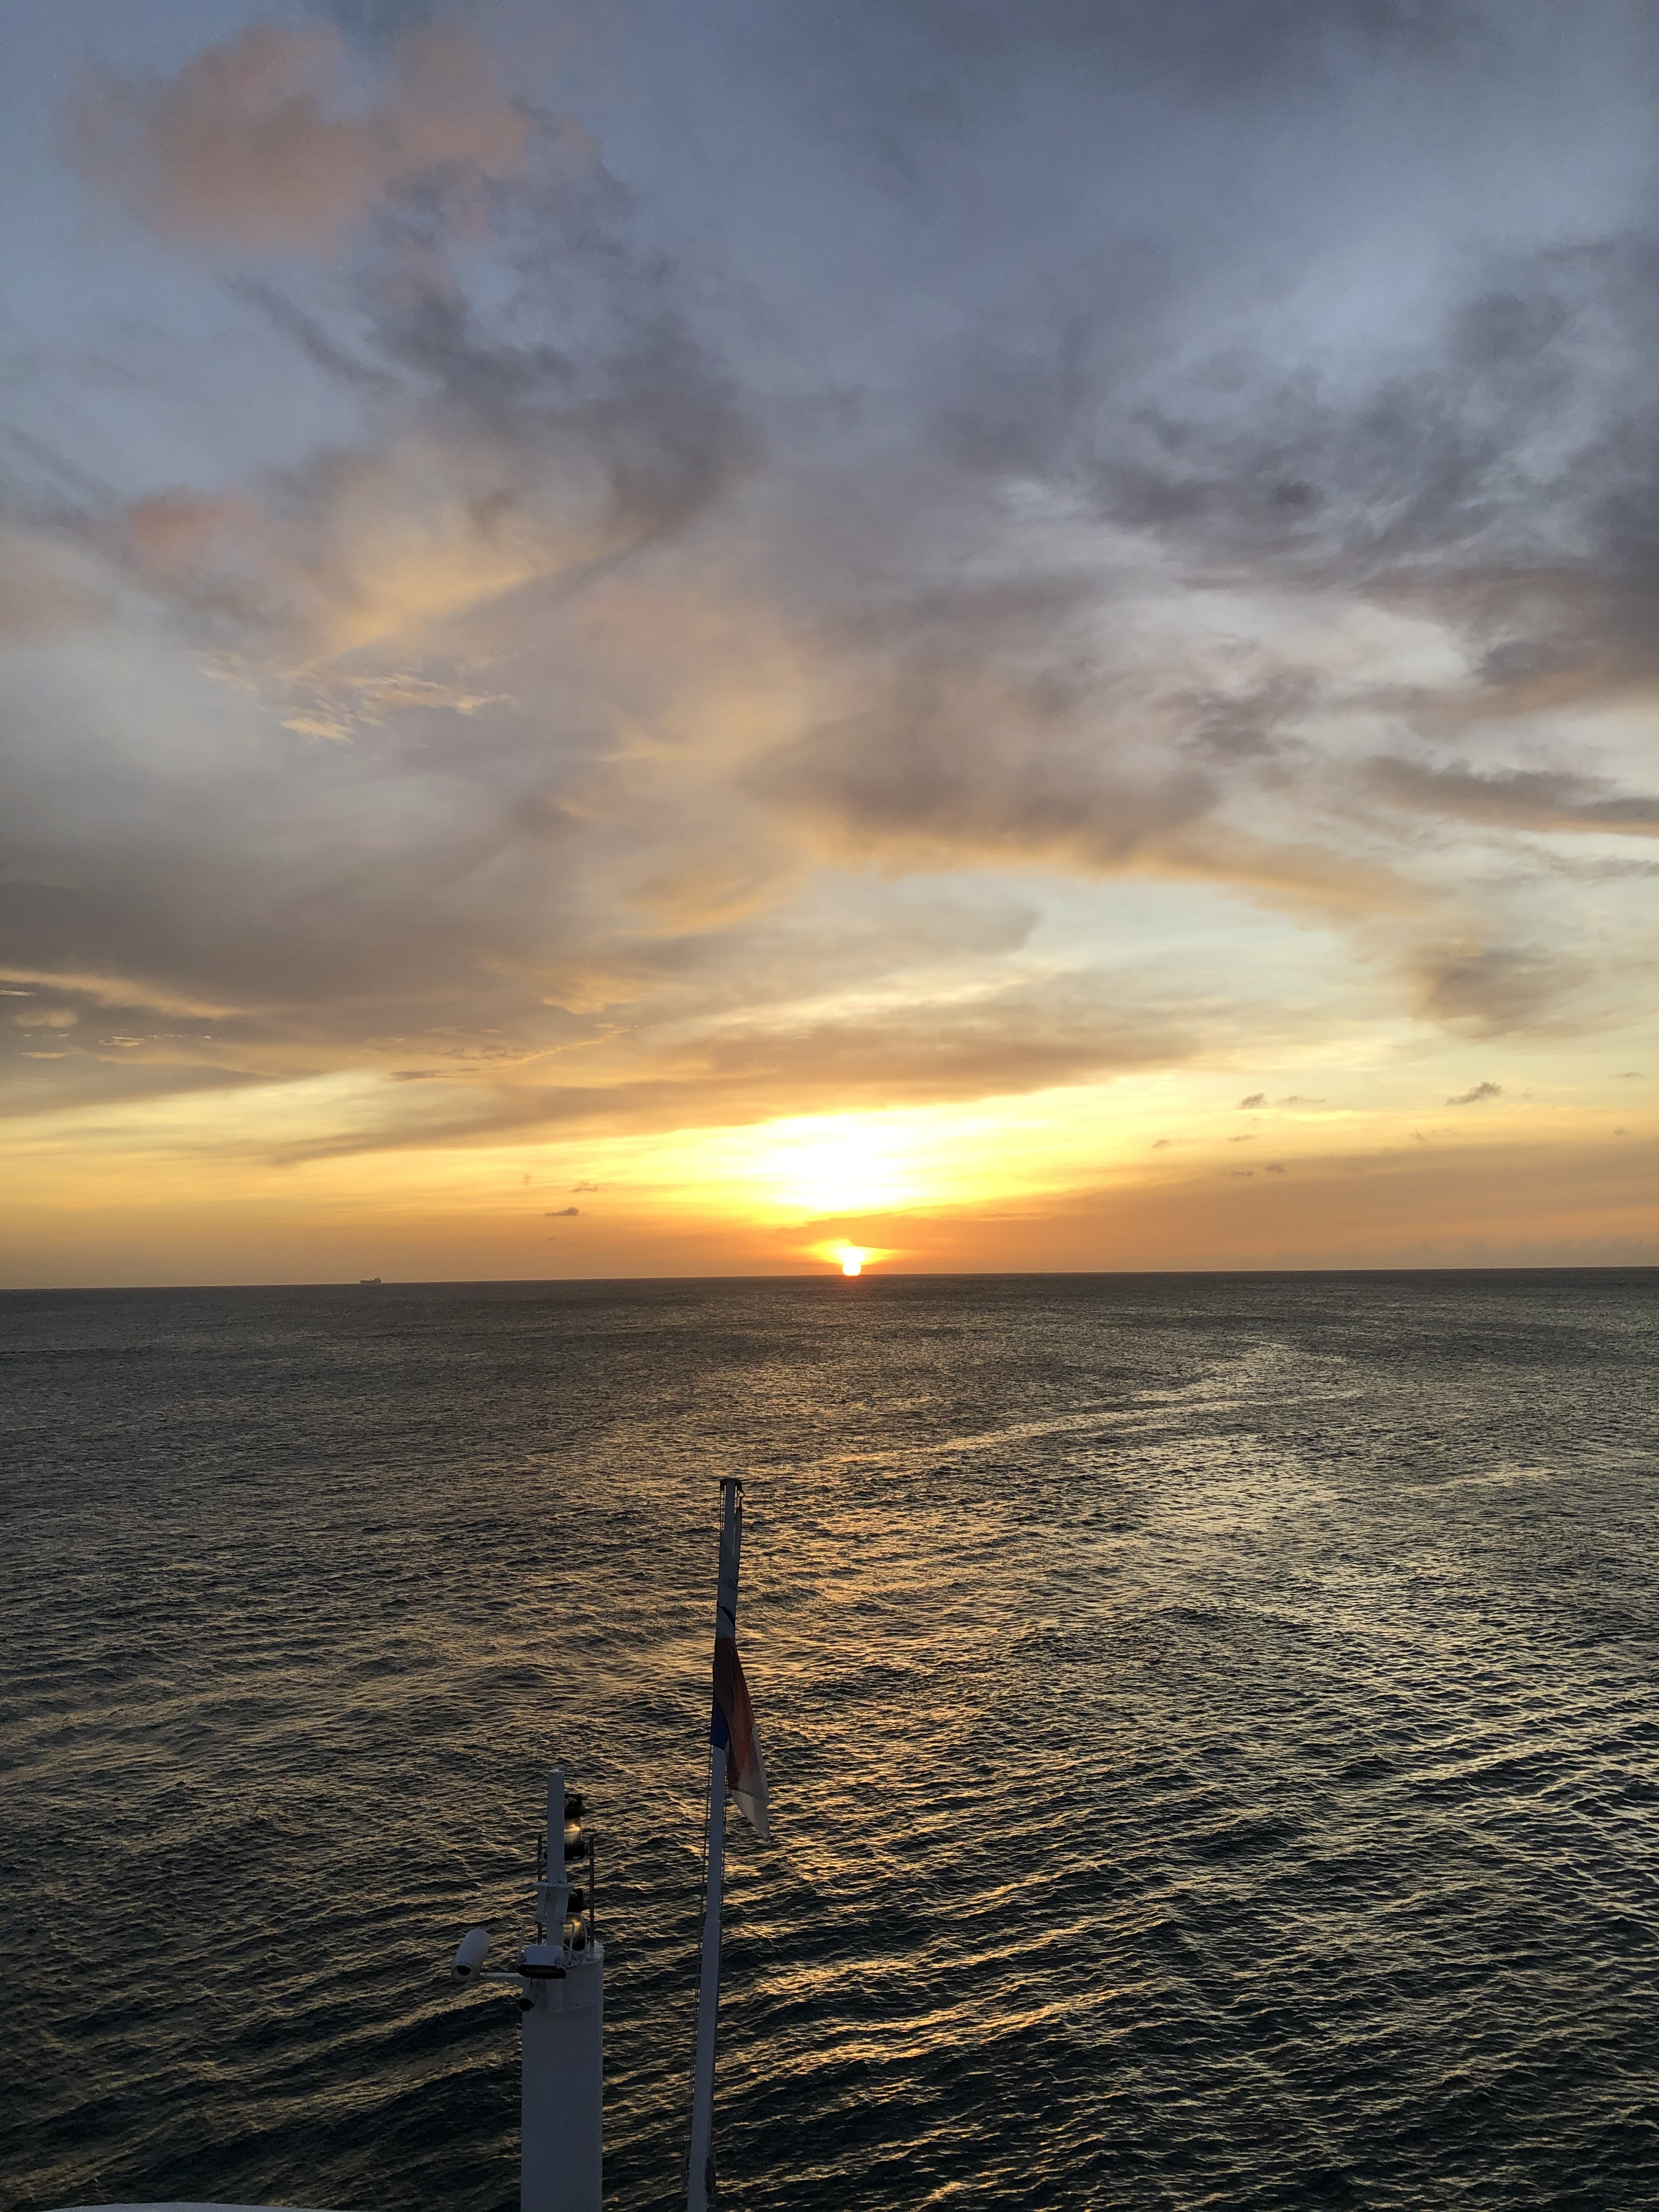 Freewinds Aruba Sunset 2